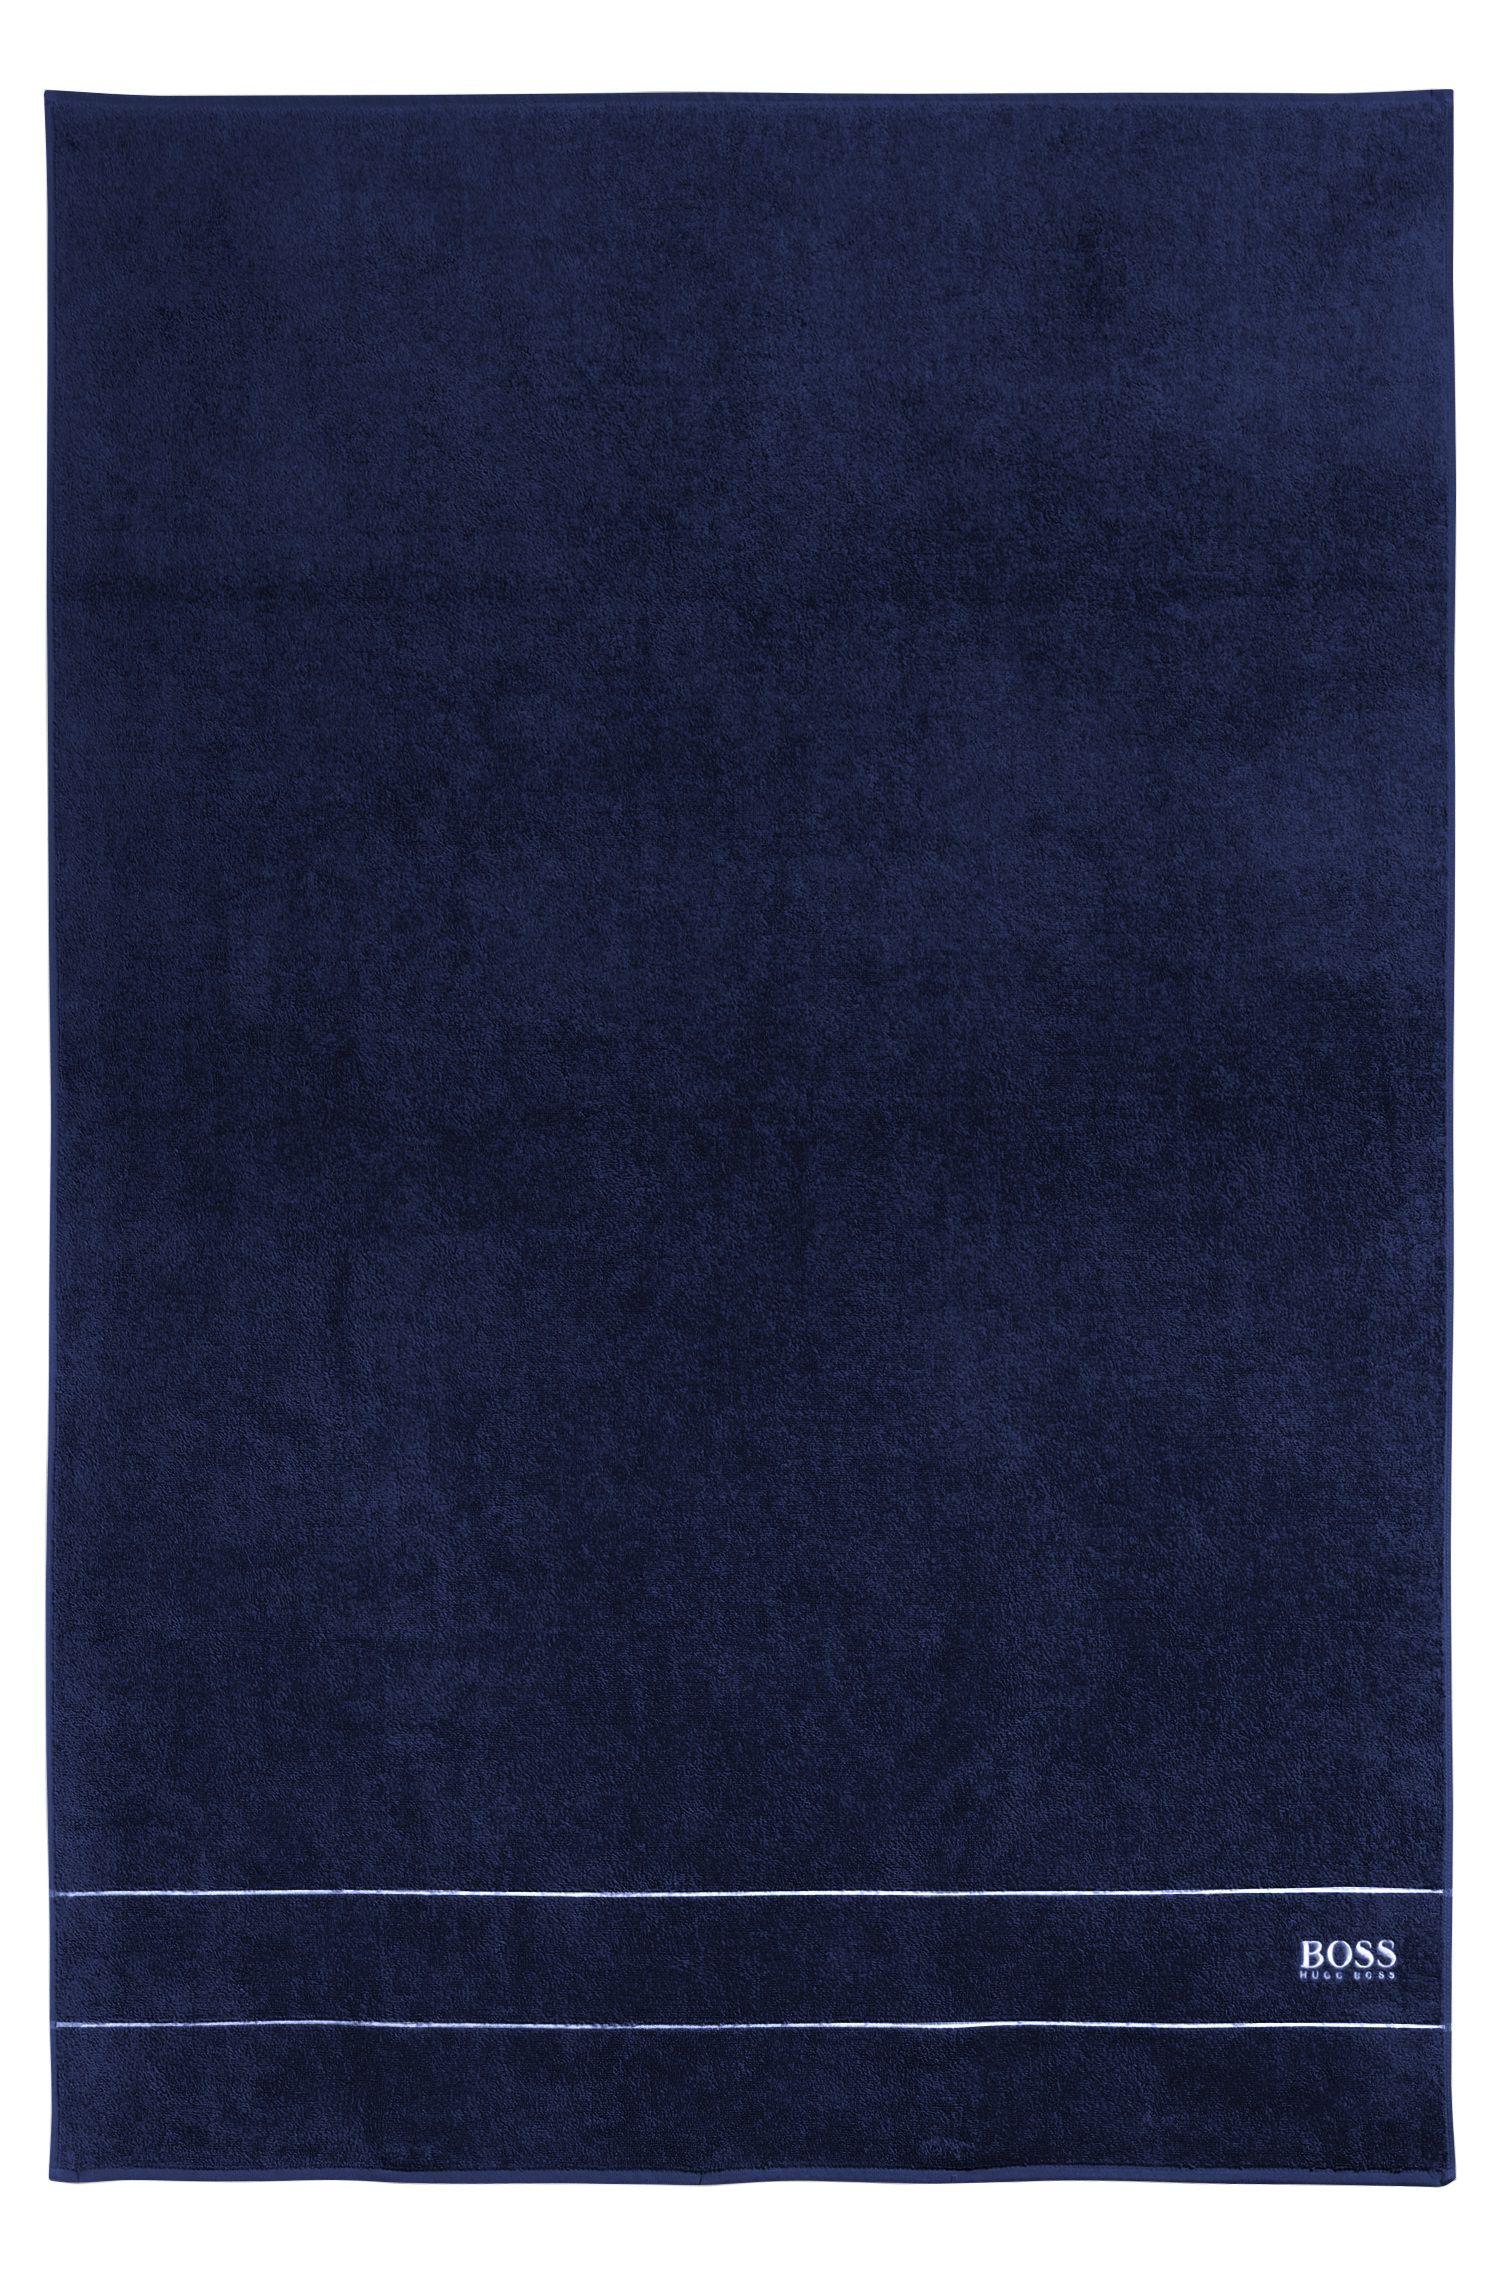 Badlaken van de fijnste Egyptische katoen met rand met logo, Donkerblauw